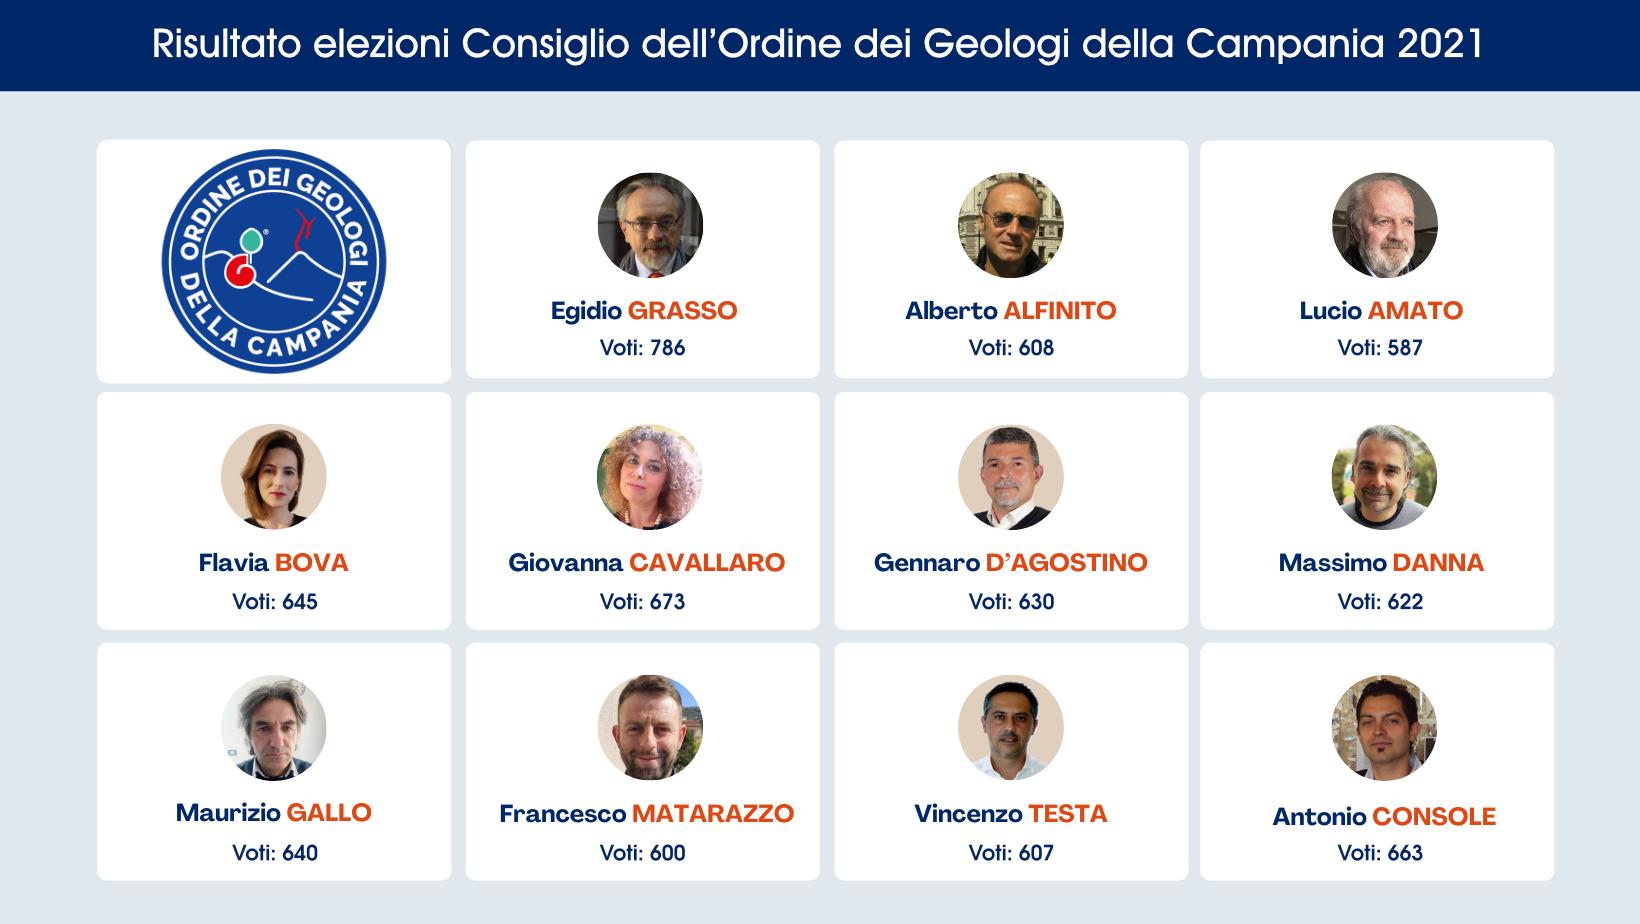 Risultato elezioni Consiglio dell'Ordine dei Geologi della Campania 2021